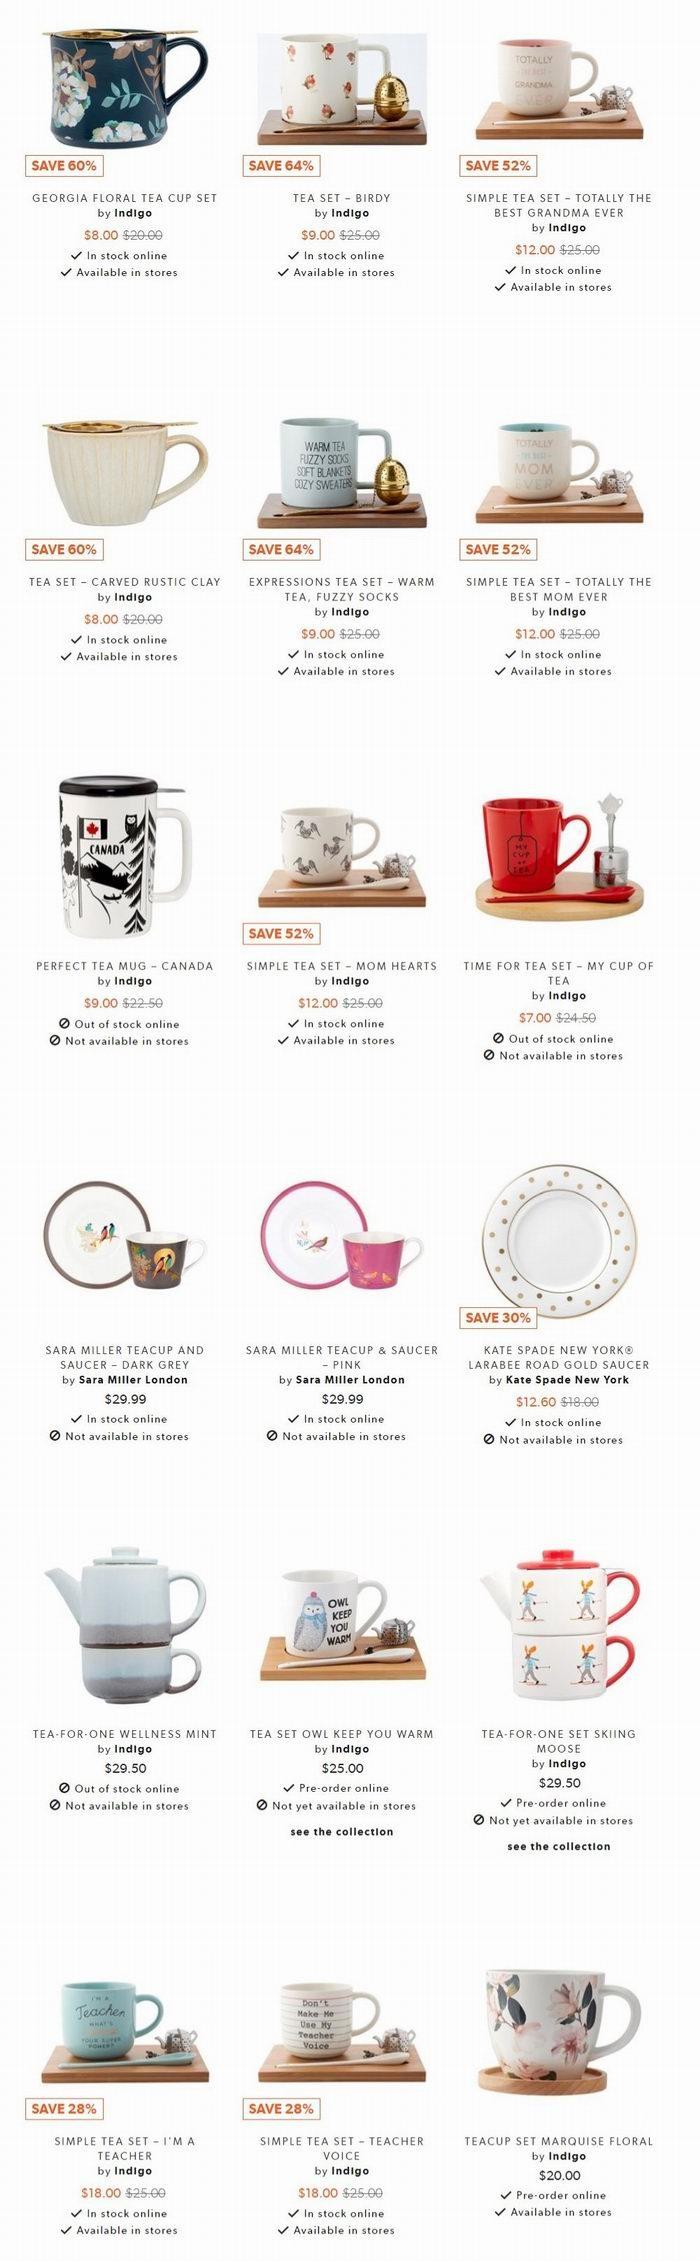 Indigo 精选大量小清新茶具用品 3.6折 5加元起特卖+包邮!